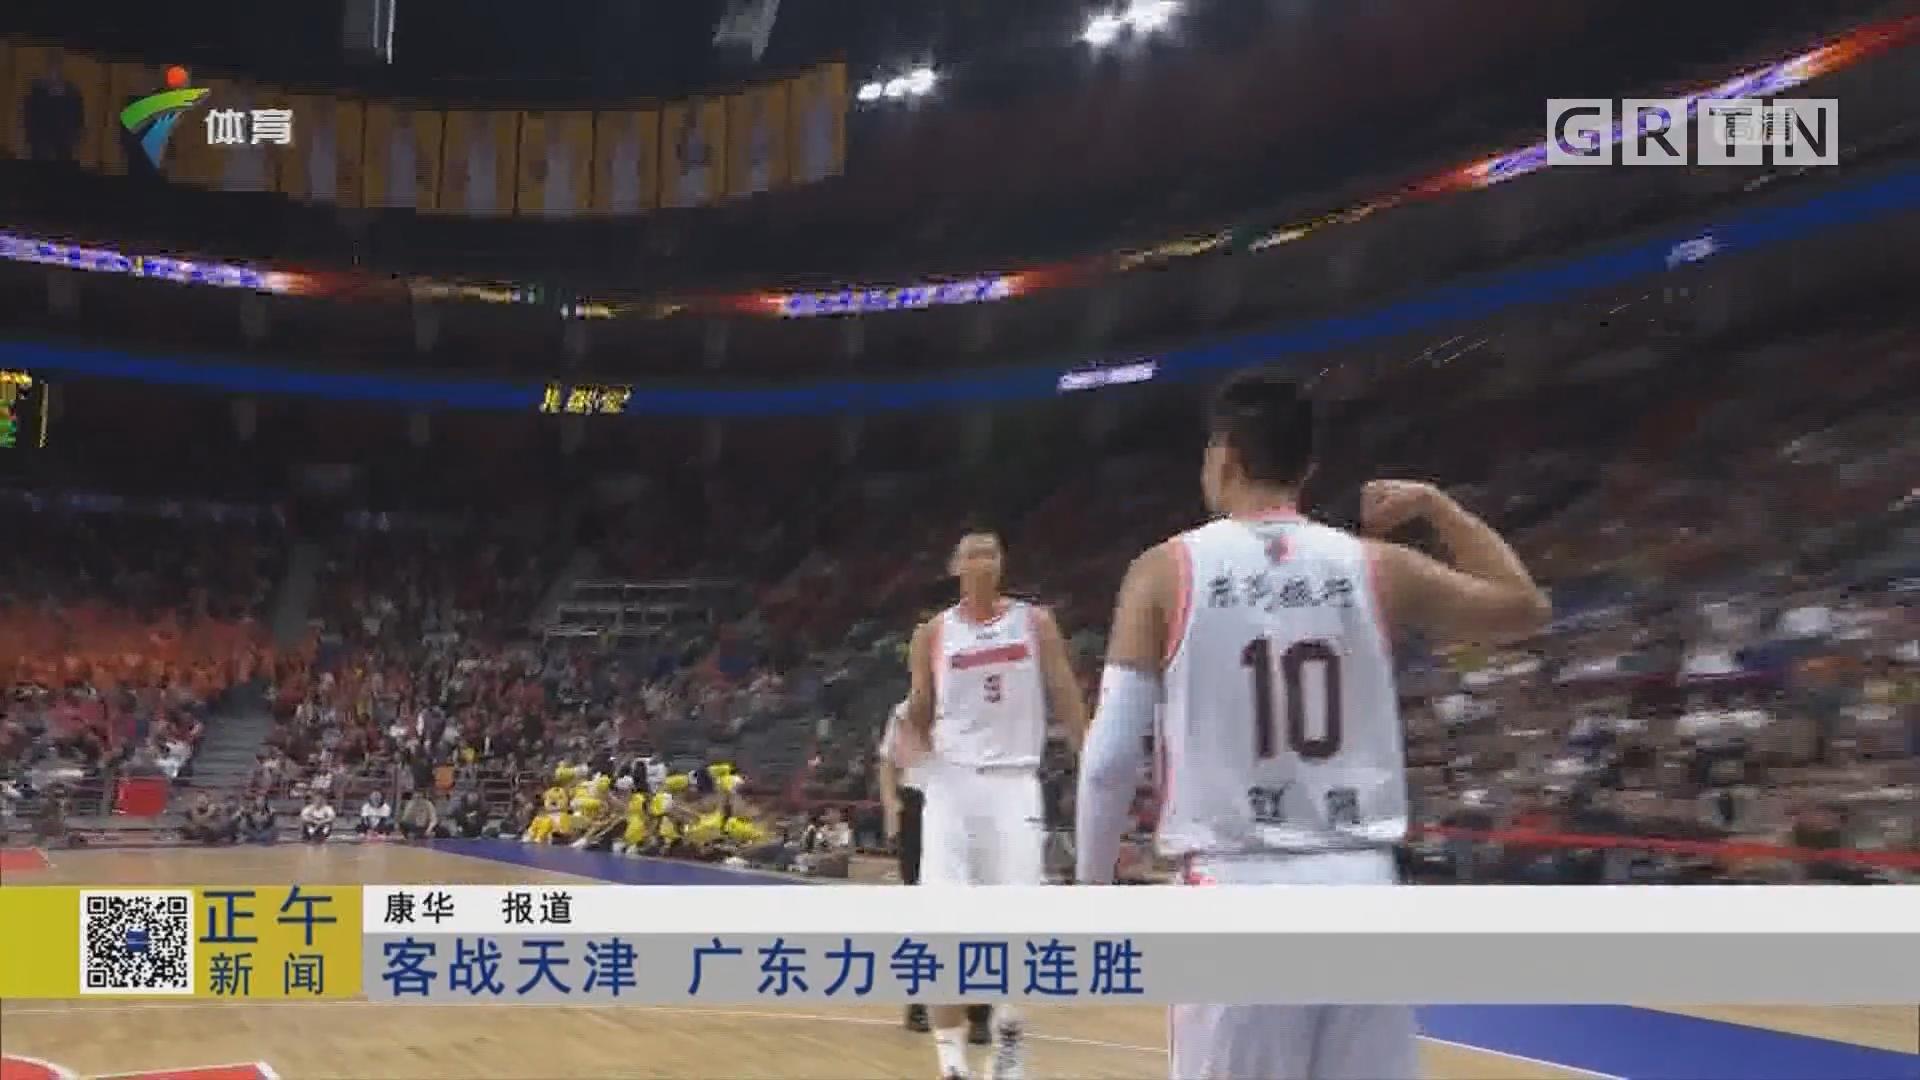 客战天津 广东力争四连胜